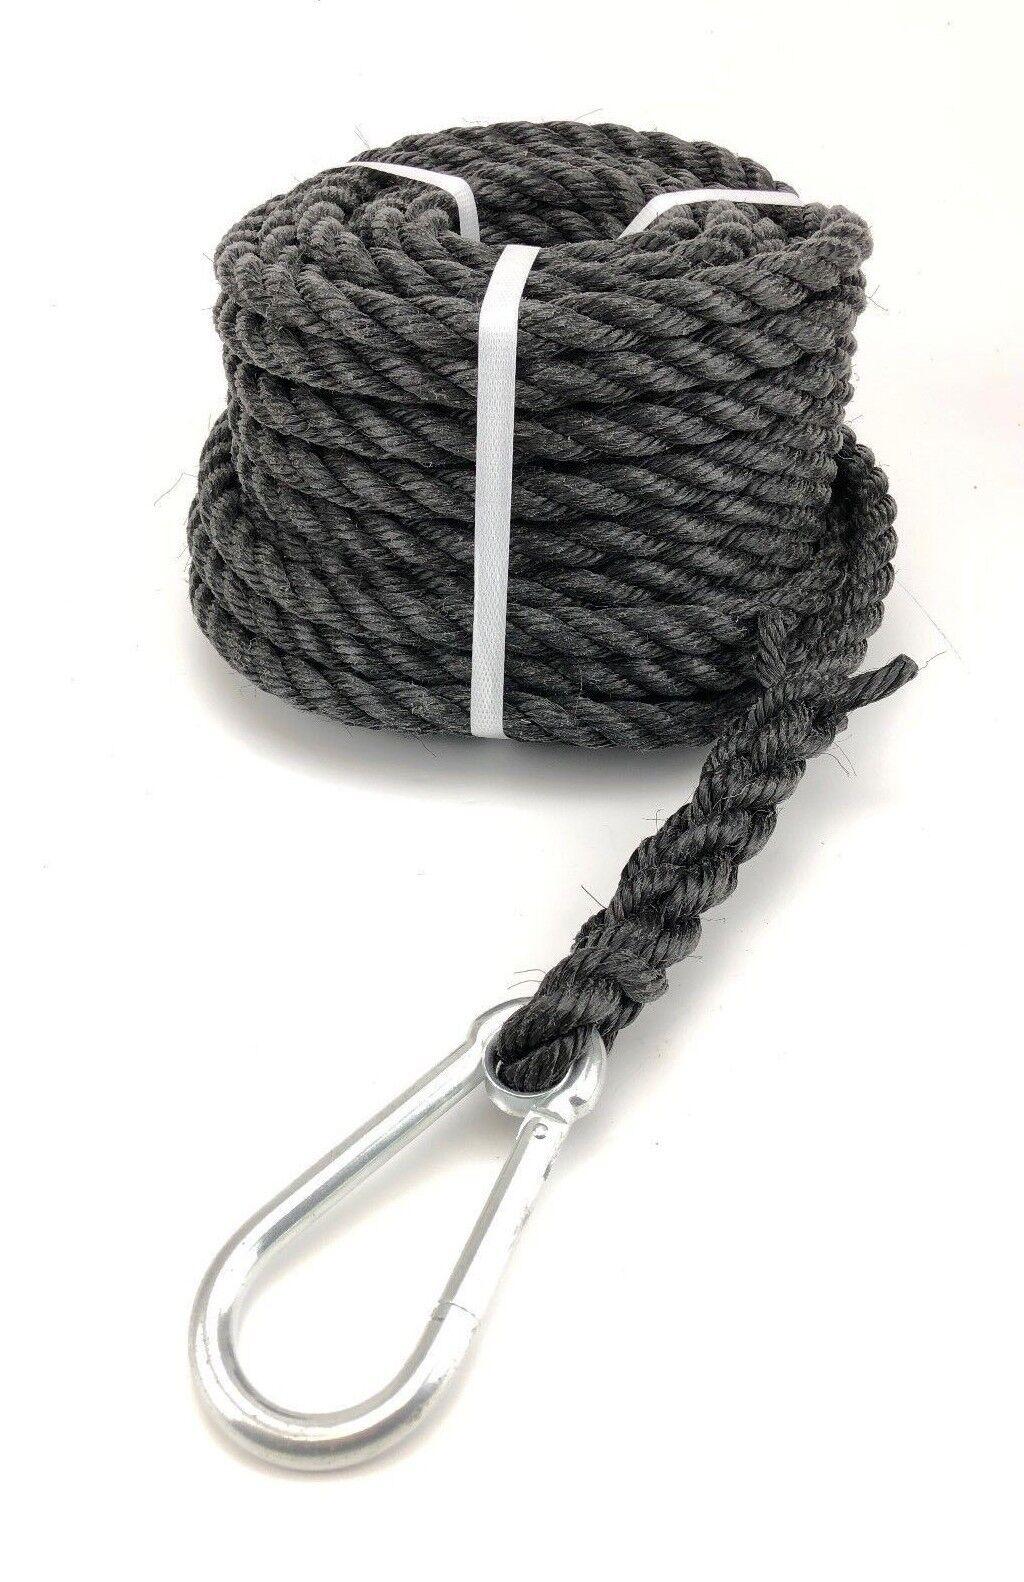 16mm schwarz gesponnene Gin Rad Seil x 50 m, Karabiner-Haken, Fall Bauarbeiter